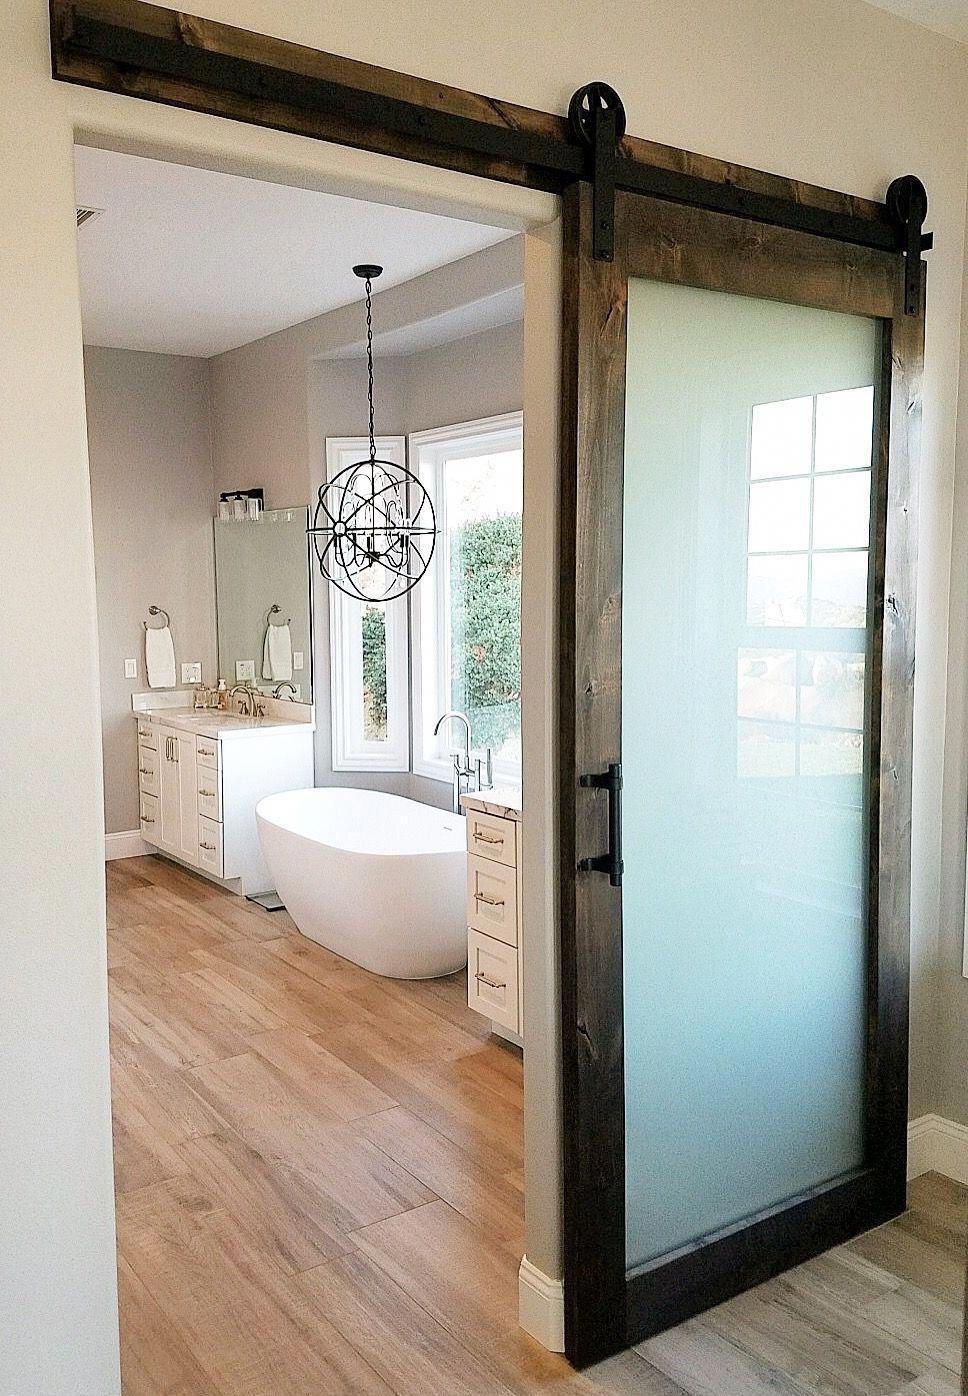 Residential Barn Doors Door Bedroom Interior Wood 20181221